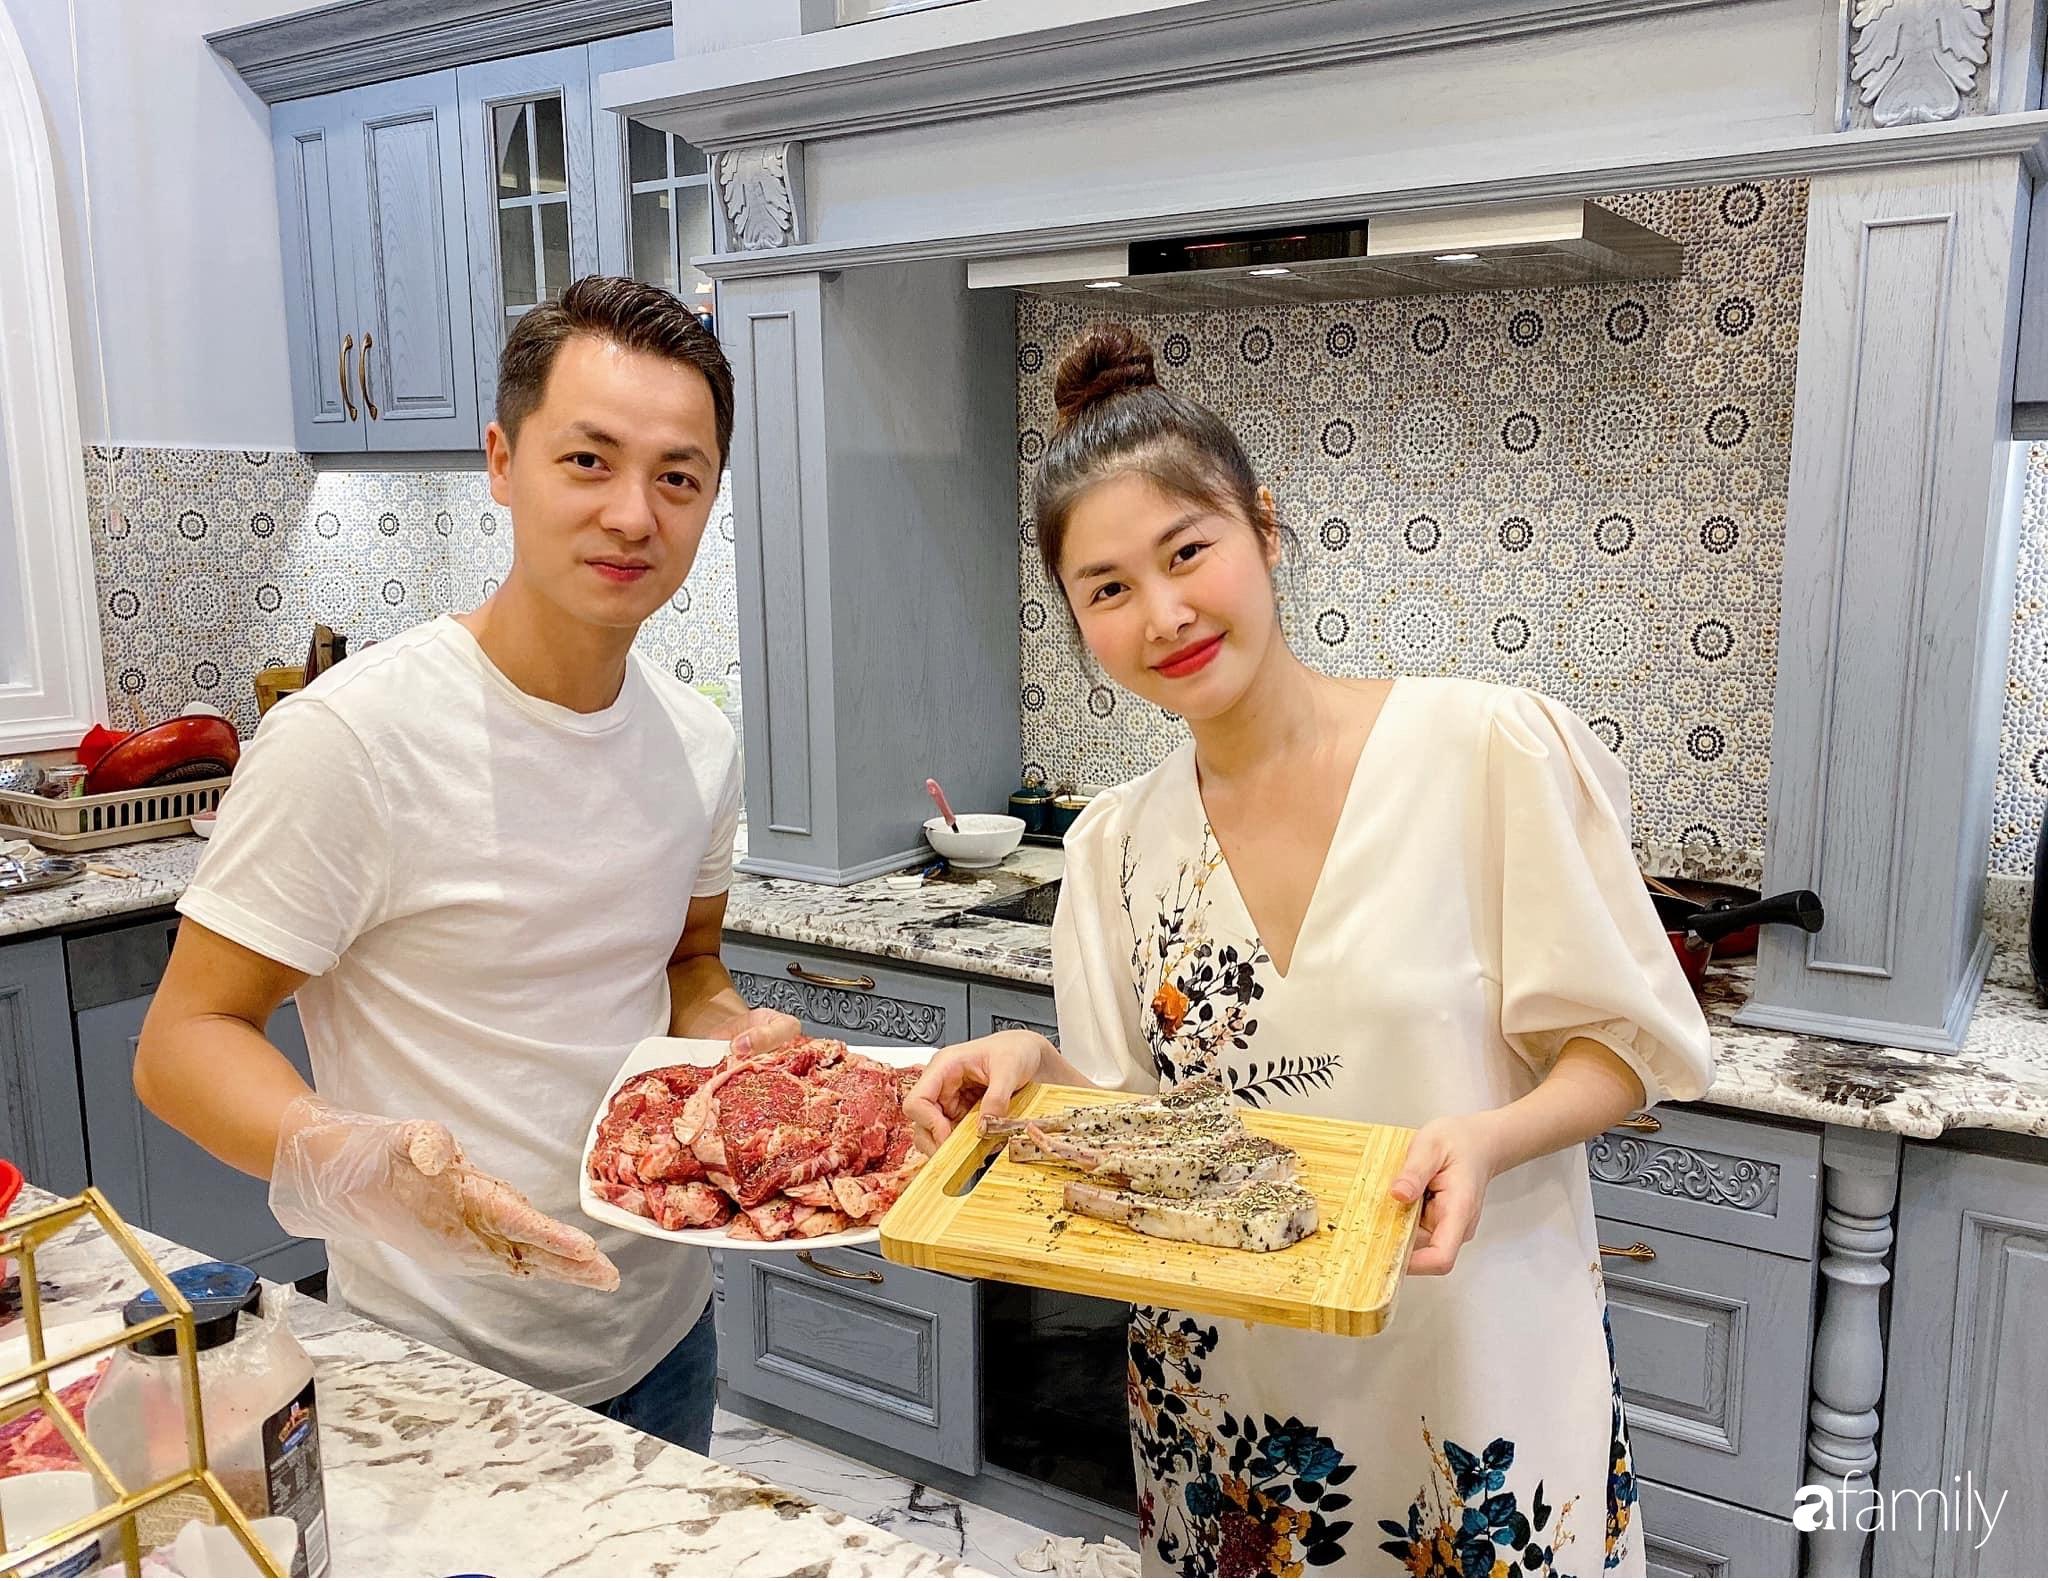 """""""Nghiện"""" sắm đồ bếp, hot mom Thủy Anh vợ Đăng Khôi tự decor không gian nấu nướng đẹp ngút ngàn - Ảnh 1."""